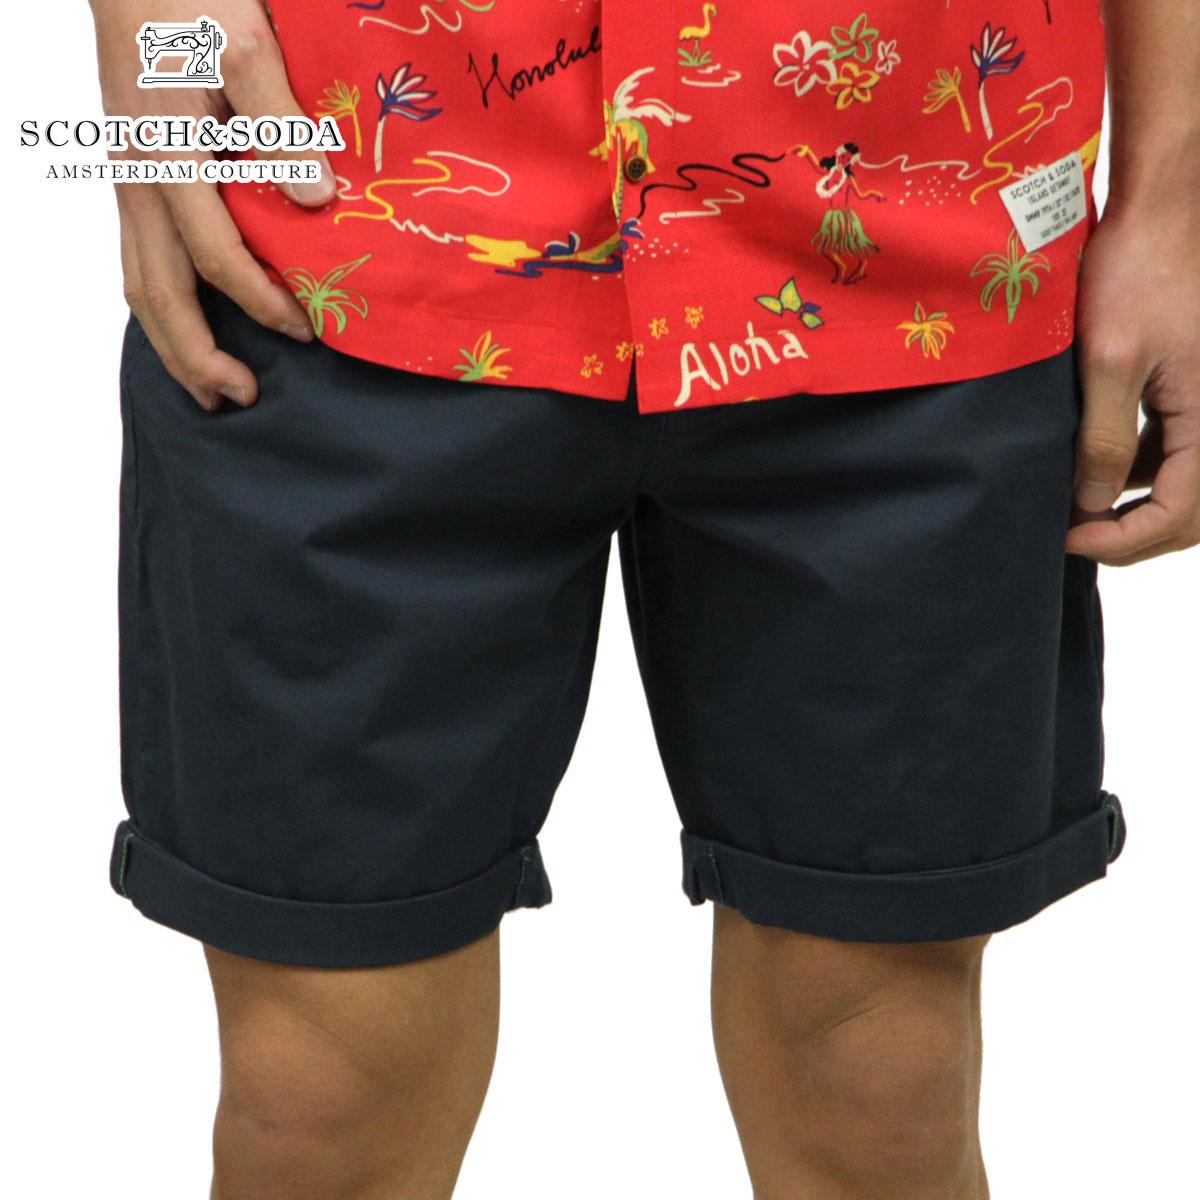 スコッチアンドソーダ SCOTCH&SODA 正規販売店 メンズ チノ ハーフパンツ CLASSIC CHINO SHORT PANTS 148906 0562 STEEL